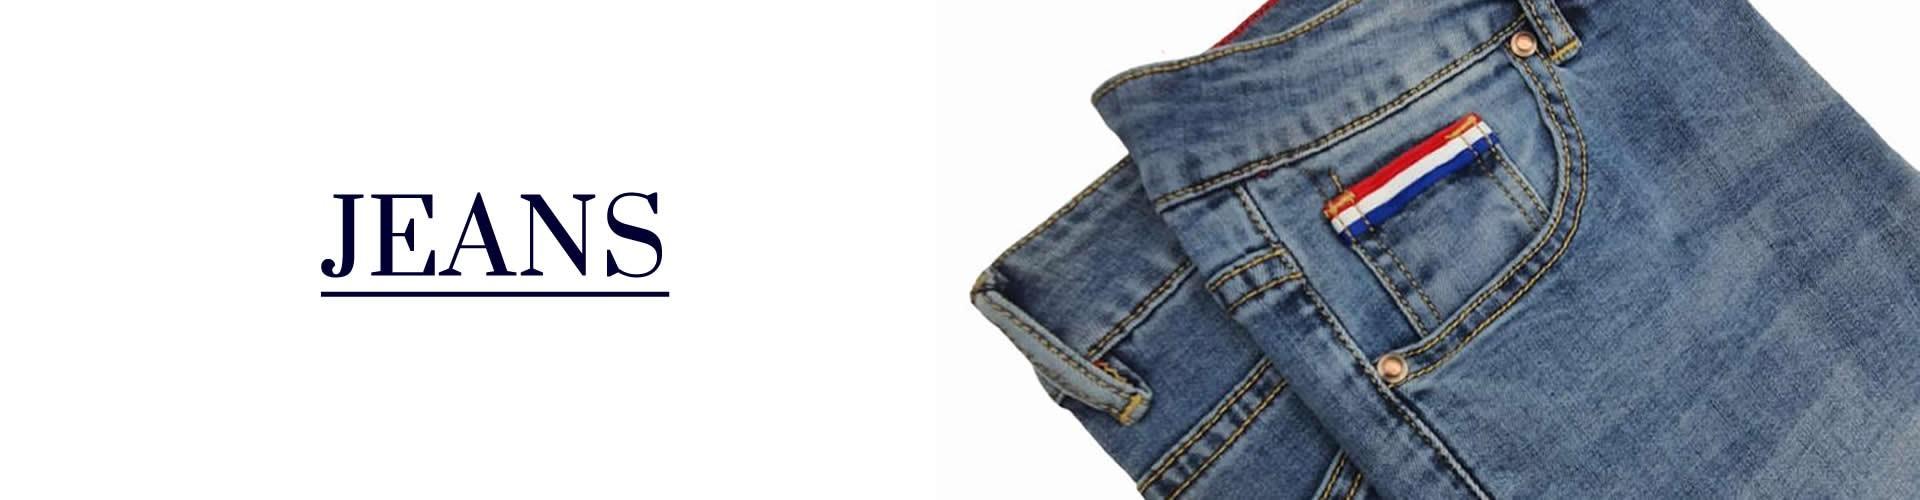 Jeans y Vaqueros para Hombre